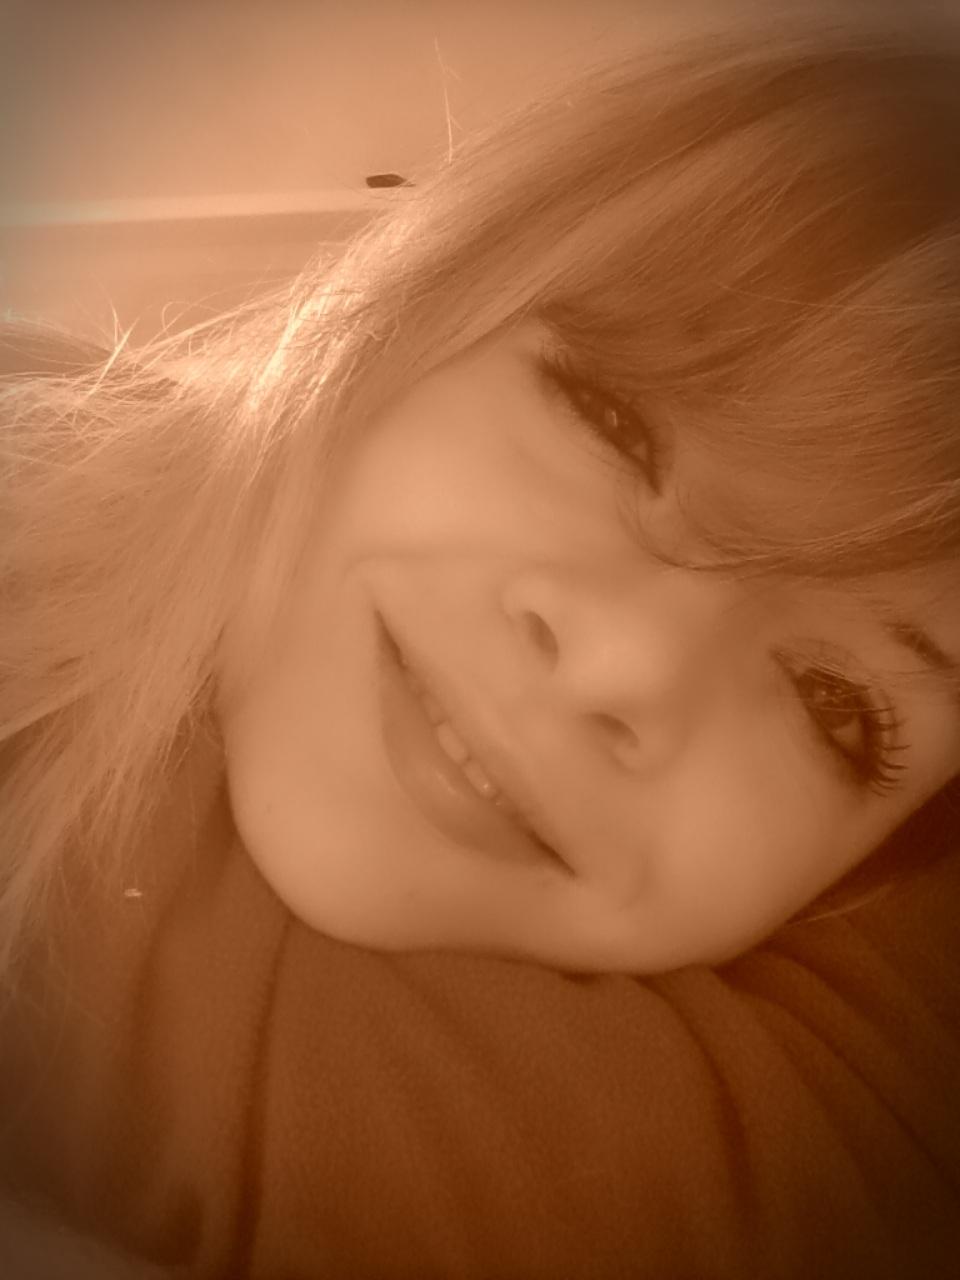 Ti invito a sorridere... offro io! :)